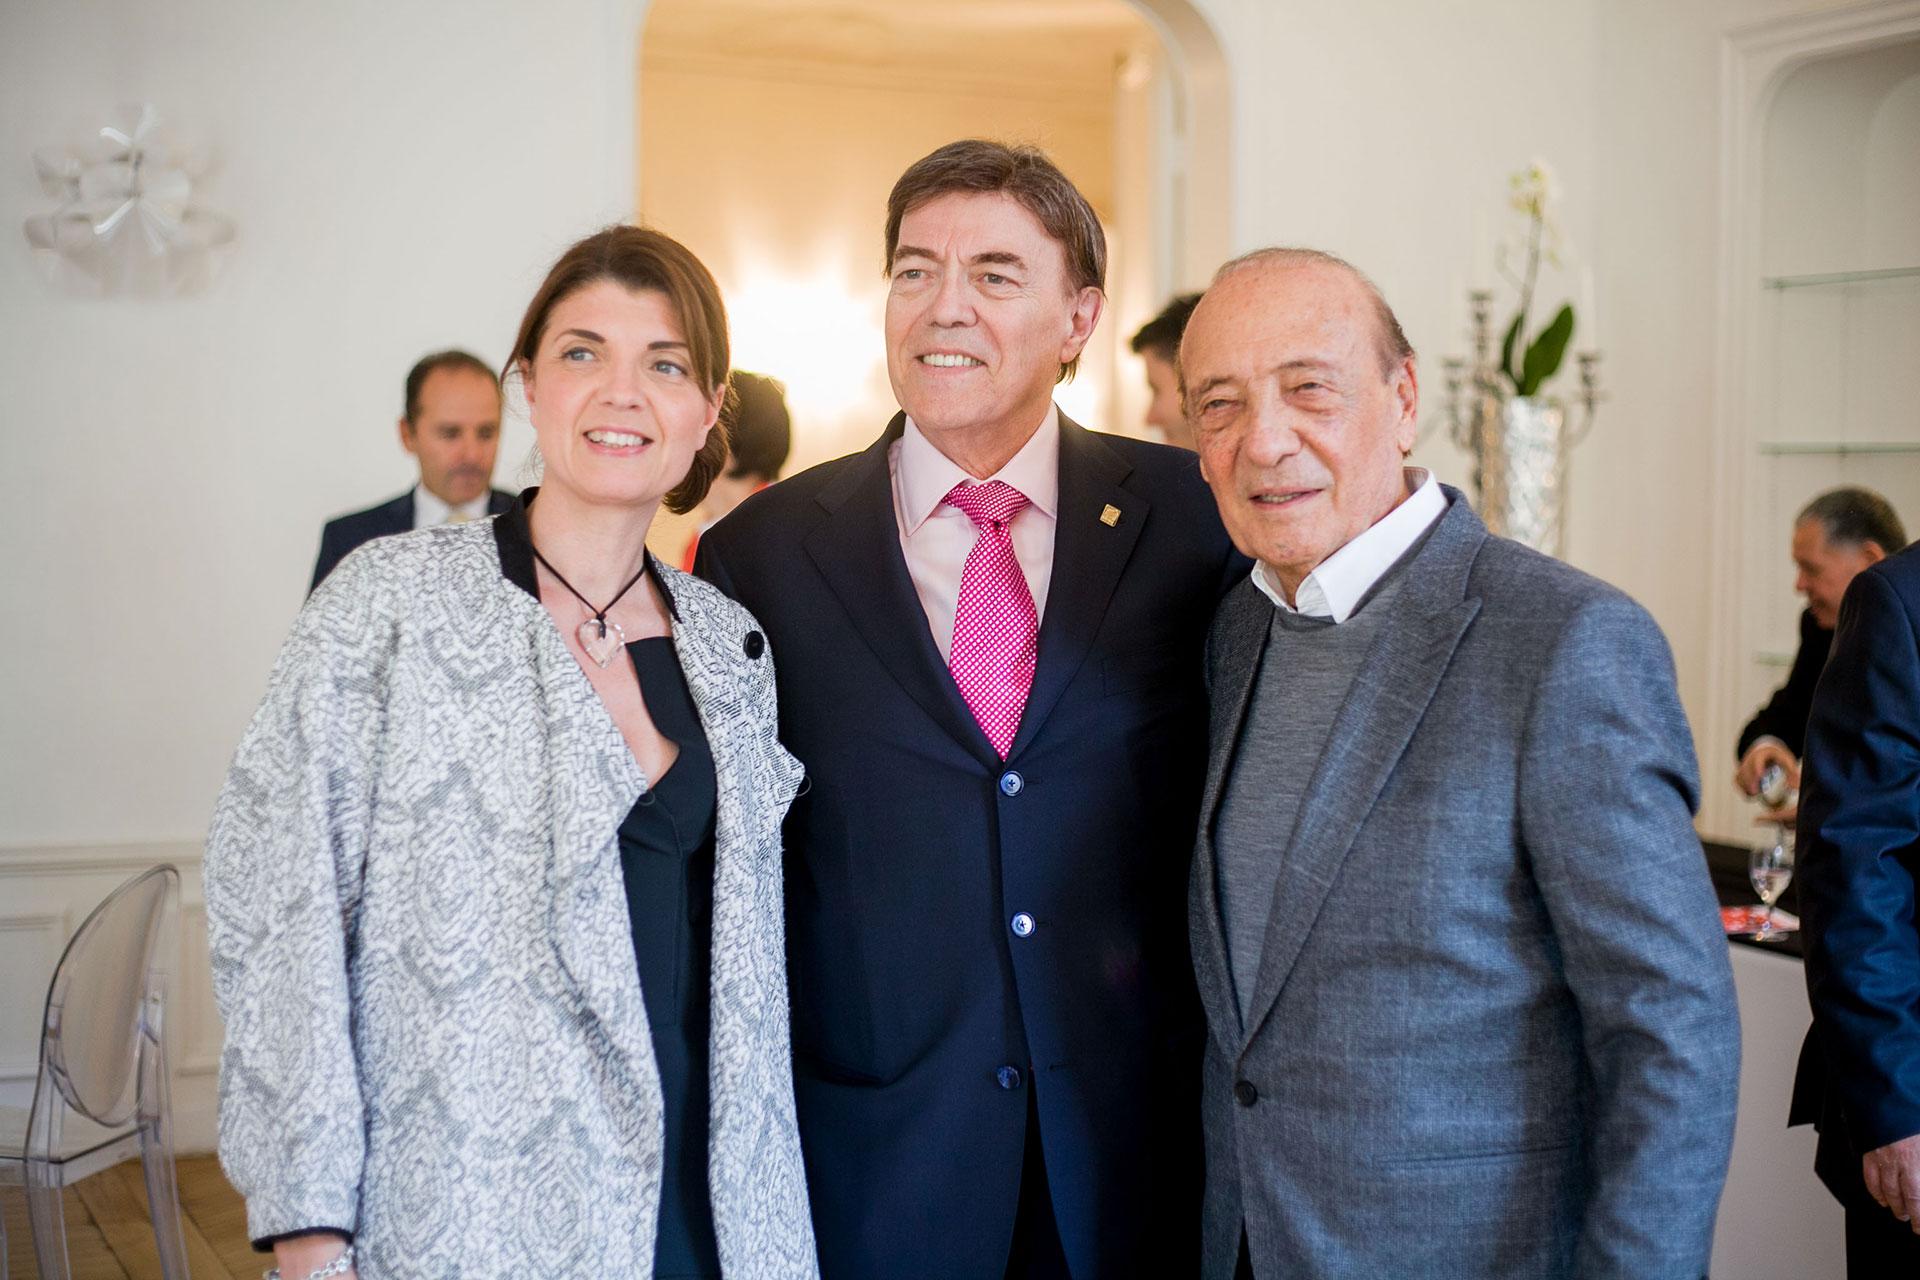 Catherine SEILER, Alain HERMELIN, Jacques SÉGUÉLA